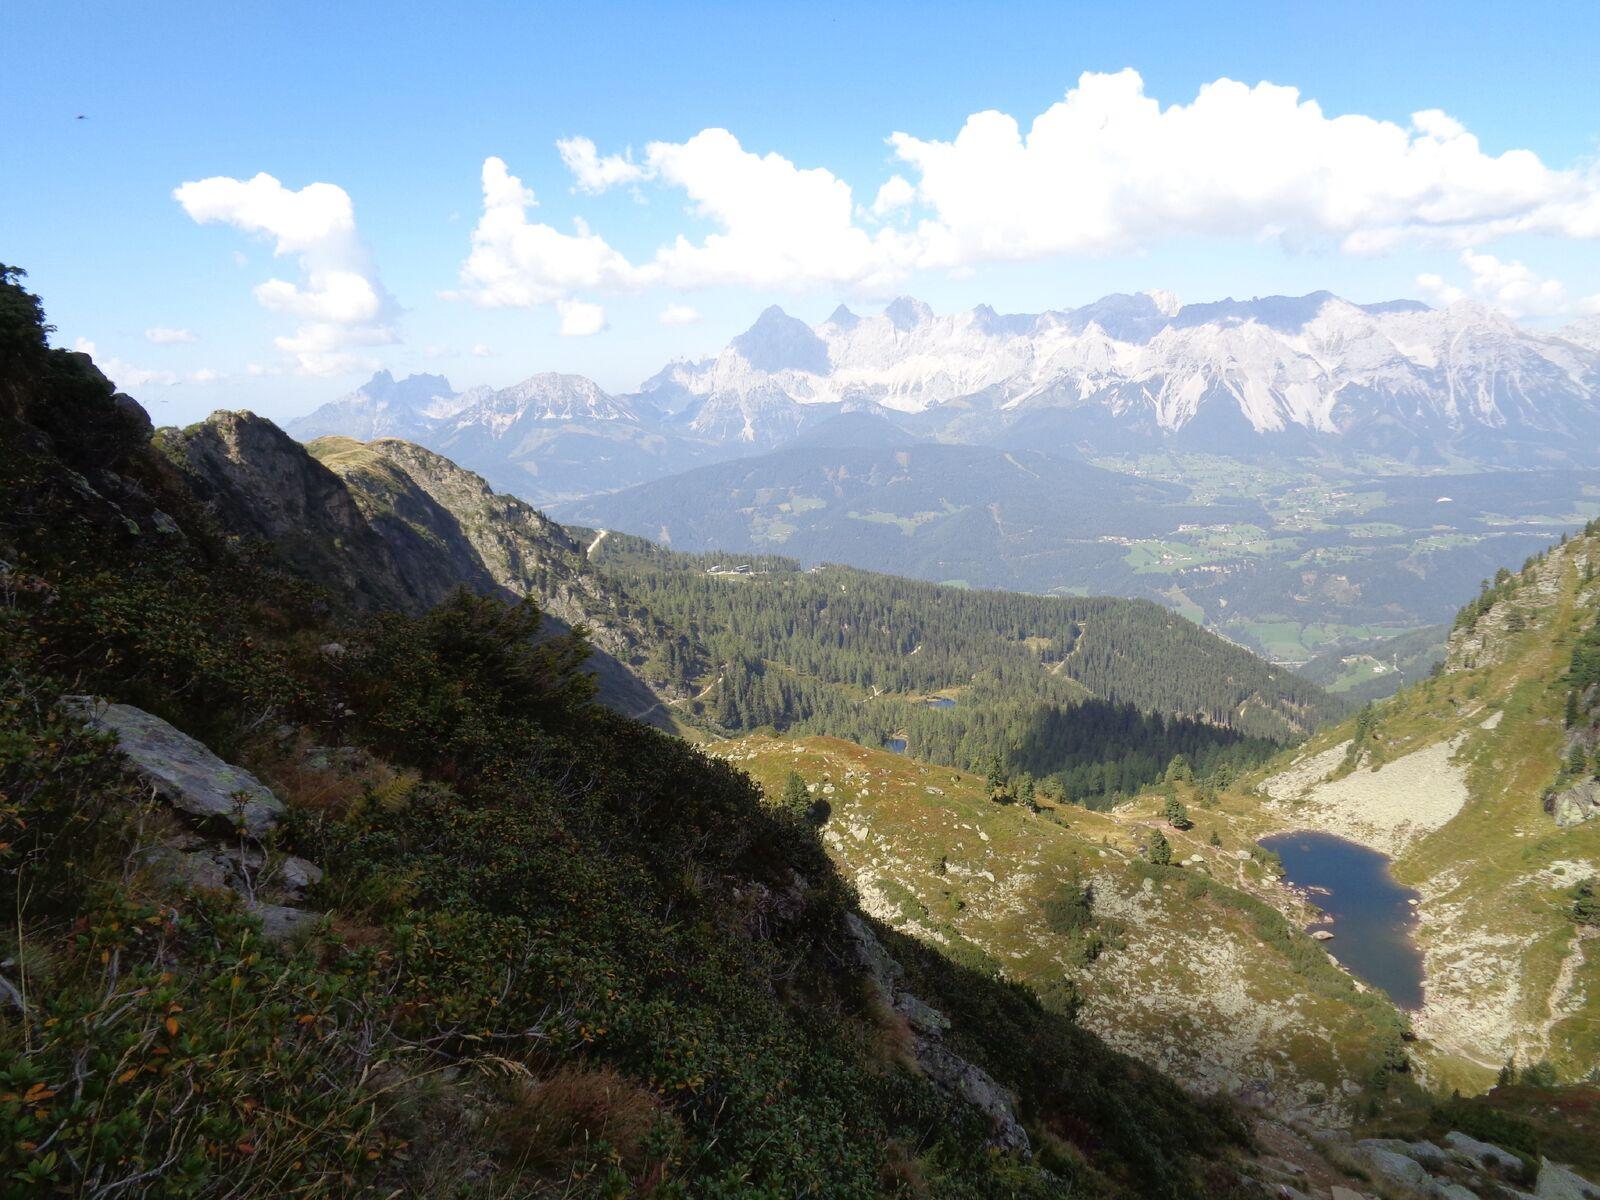 dachstein-spiegelsee-austria-hiking-wanderlust9